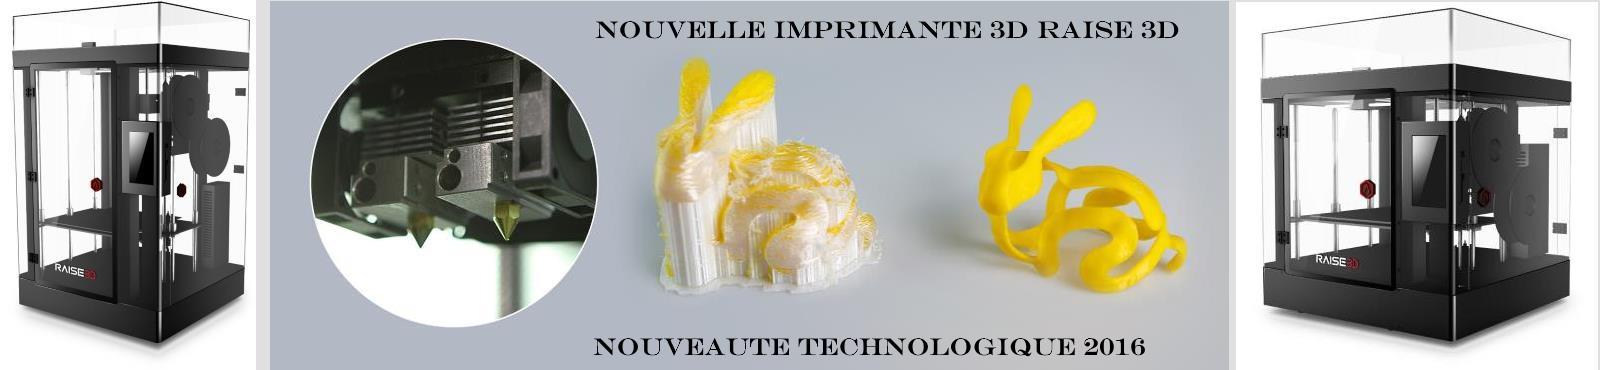 Nouvelle imprimante 3D Raise en vente Grand Est-Alsace-Lorraine-Nancy-Metz-Epinal-Verdun-Reims, votre revendeur 3D 3D Advance